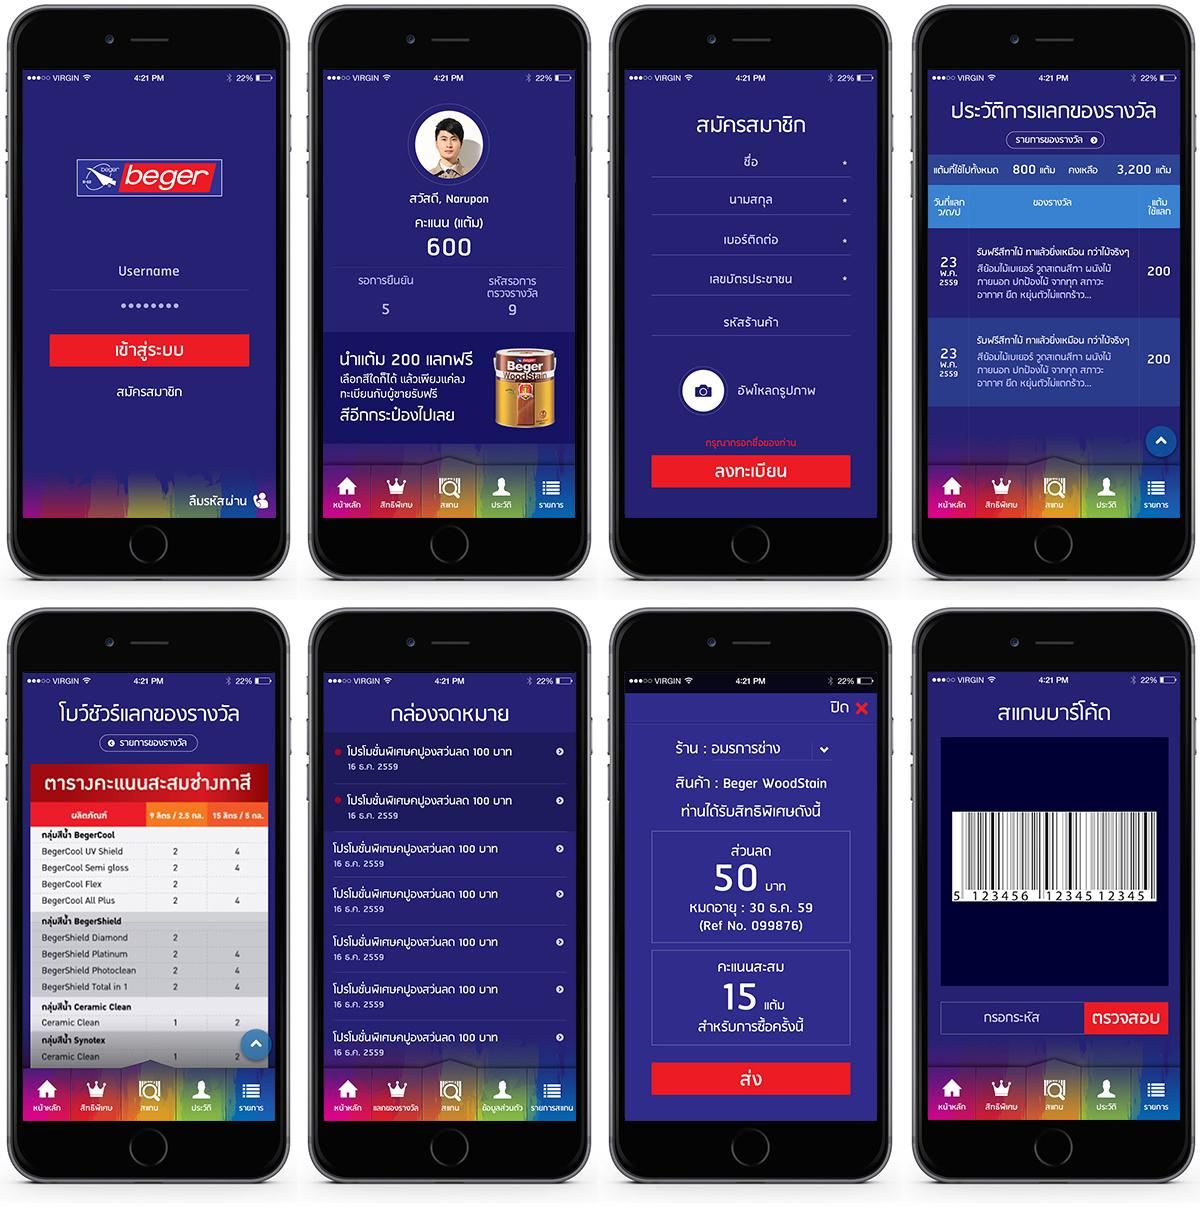 02-Mobile-Beger-App-04